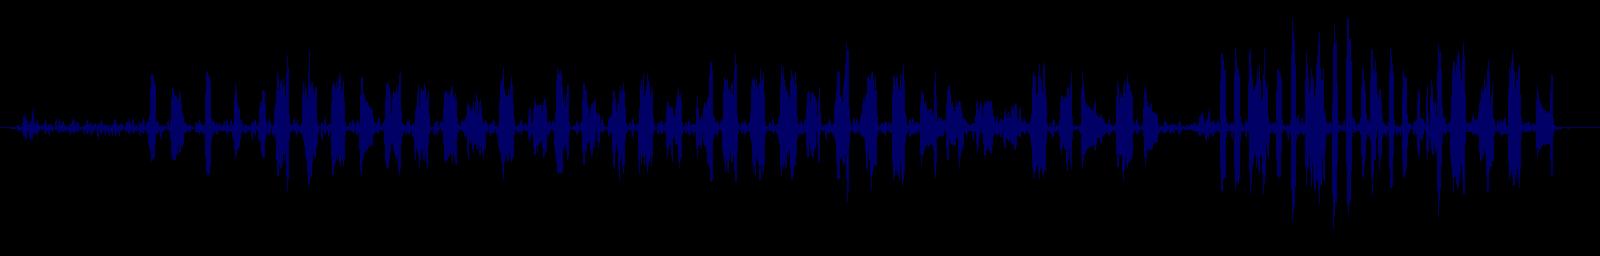 waveform of track #145851